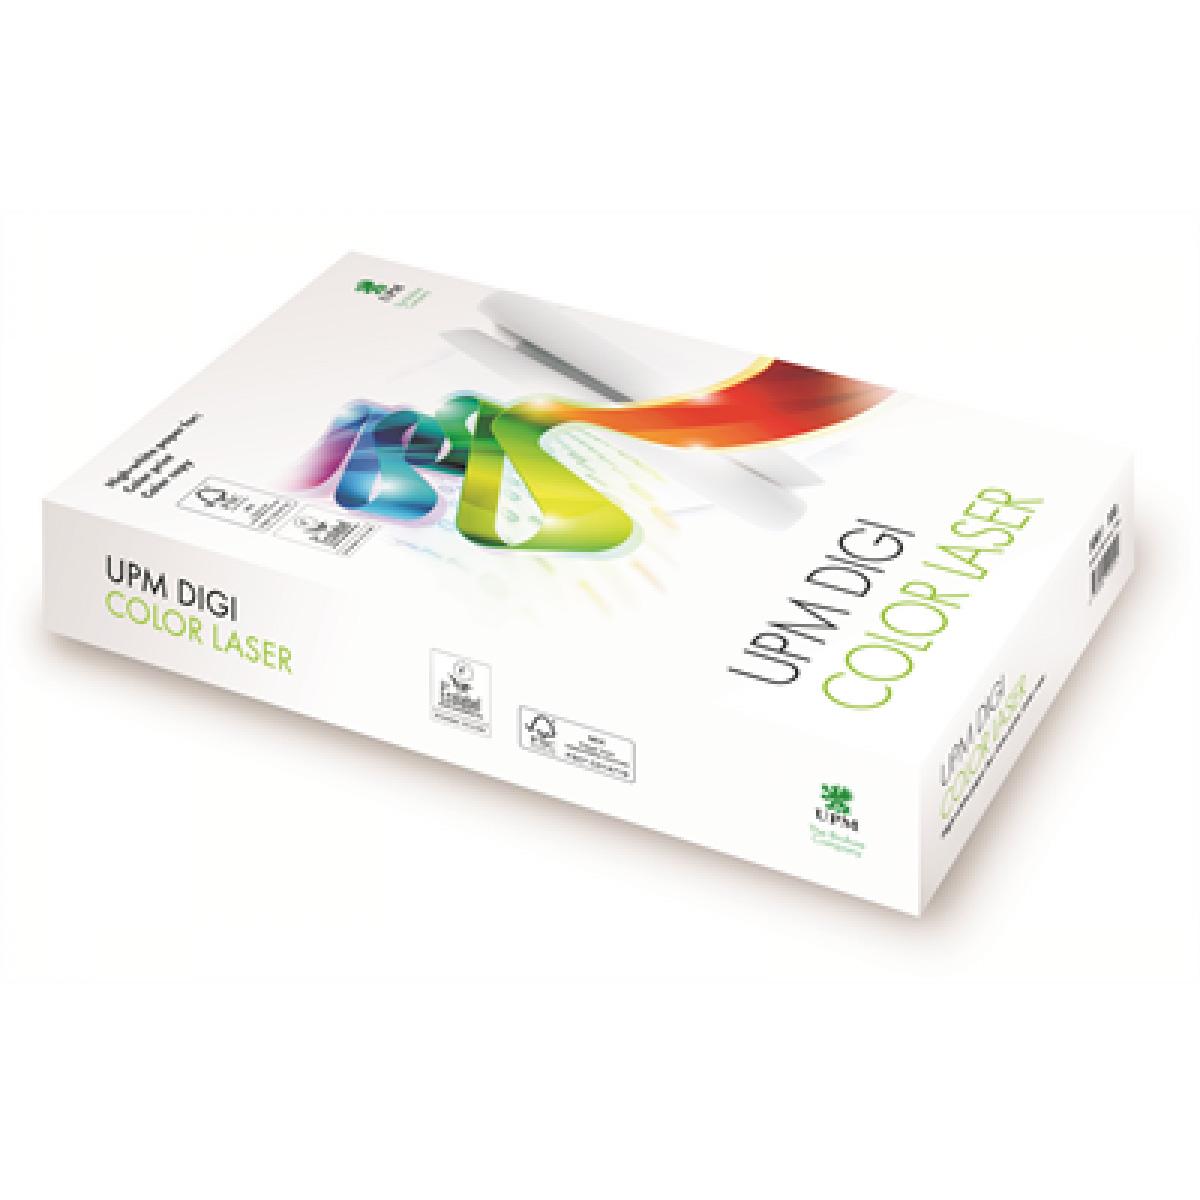 Бумага Digi Color Laser A3 300гр./м2., 125листов